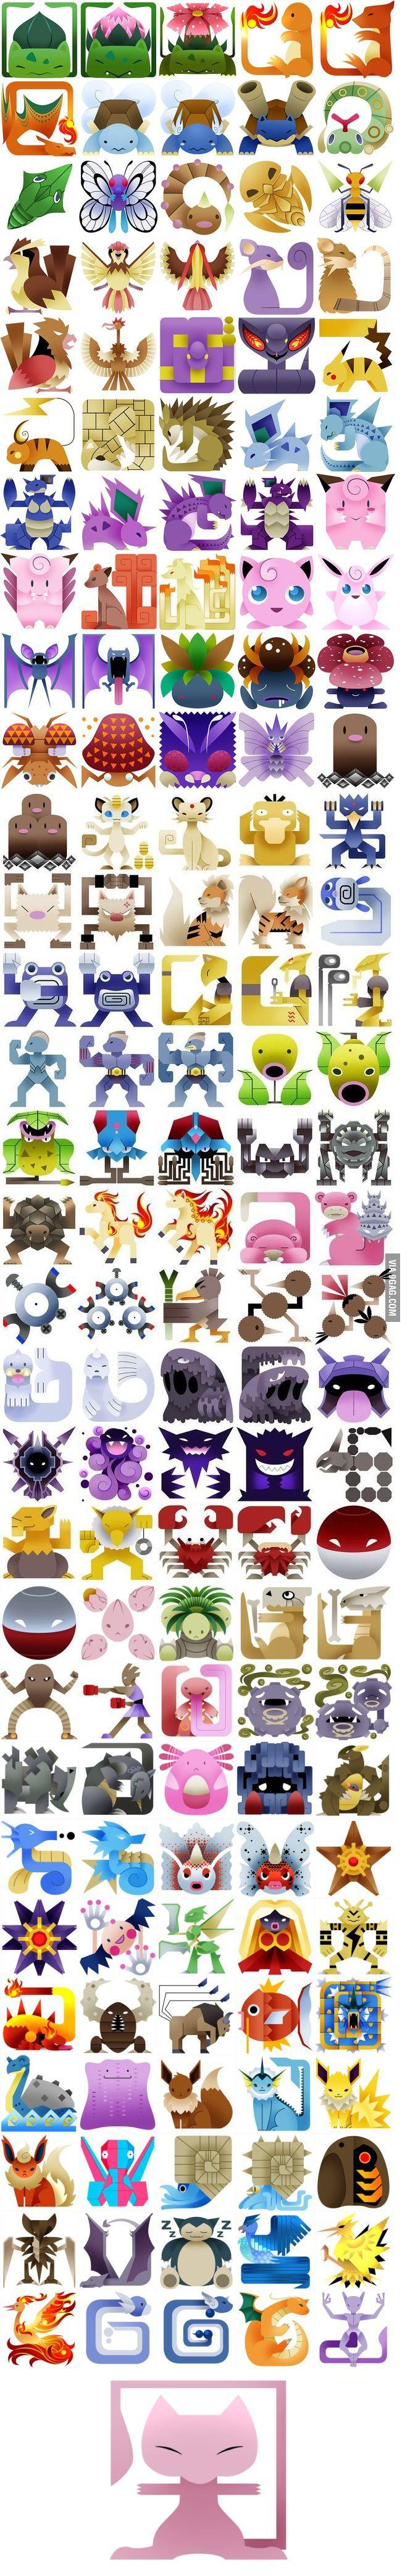 151 Pokémon as Monster Icon